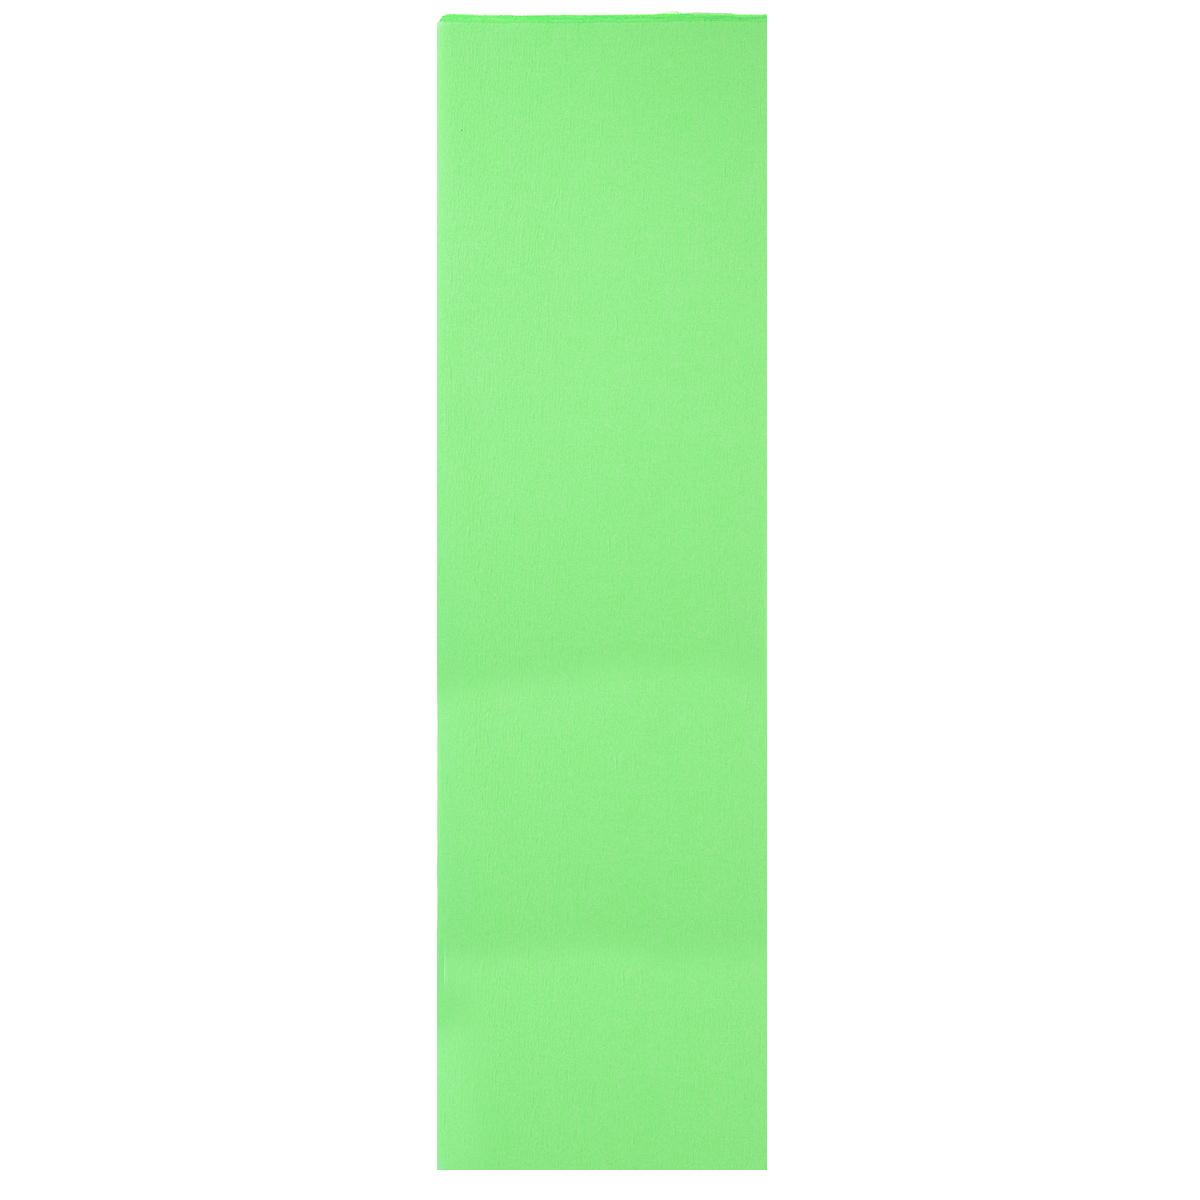 Бумага крепированная Проф-Пресс, флюоресцентная, цвет: салатовый, 50 х 250 смБ-2308Крепированная флюоресцентная бумага Проф-Пресс - отличный вариант для воплощения творческих идей не только детей, но и взрослых. Она отлично подойдет для упаковки хрупких изделий, при оформлении букетов, создании сложных цветовых композиций, для декорирования и других оформительских работ. Бумага обладает повышенной прочностью и жесткостью, хорошо растягивается, имеет жатую поверхность. Кроме того, флюоресцентная бумага Проф-Пресс поможет увлечь ребенка, развивая интерес к художественному творчеству, эстетический вкус и восприятие, увеличивая желание делать подарки своими руками, воспитывая самостоятельность и аккуратность в работе. Такая бумага поможет вашему ребенку раскрыть свои таланты.